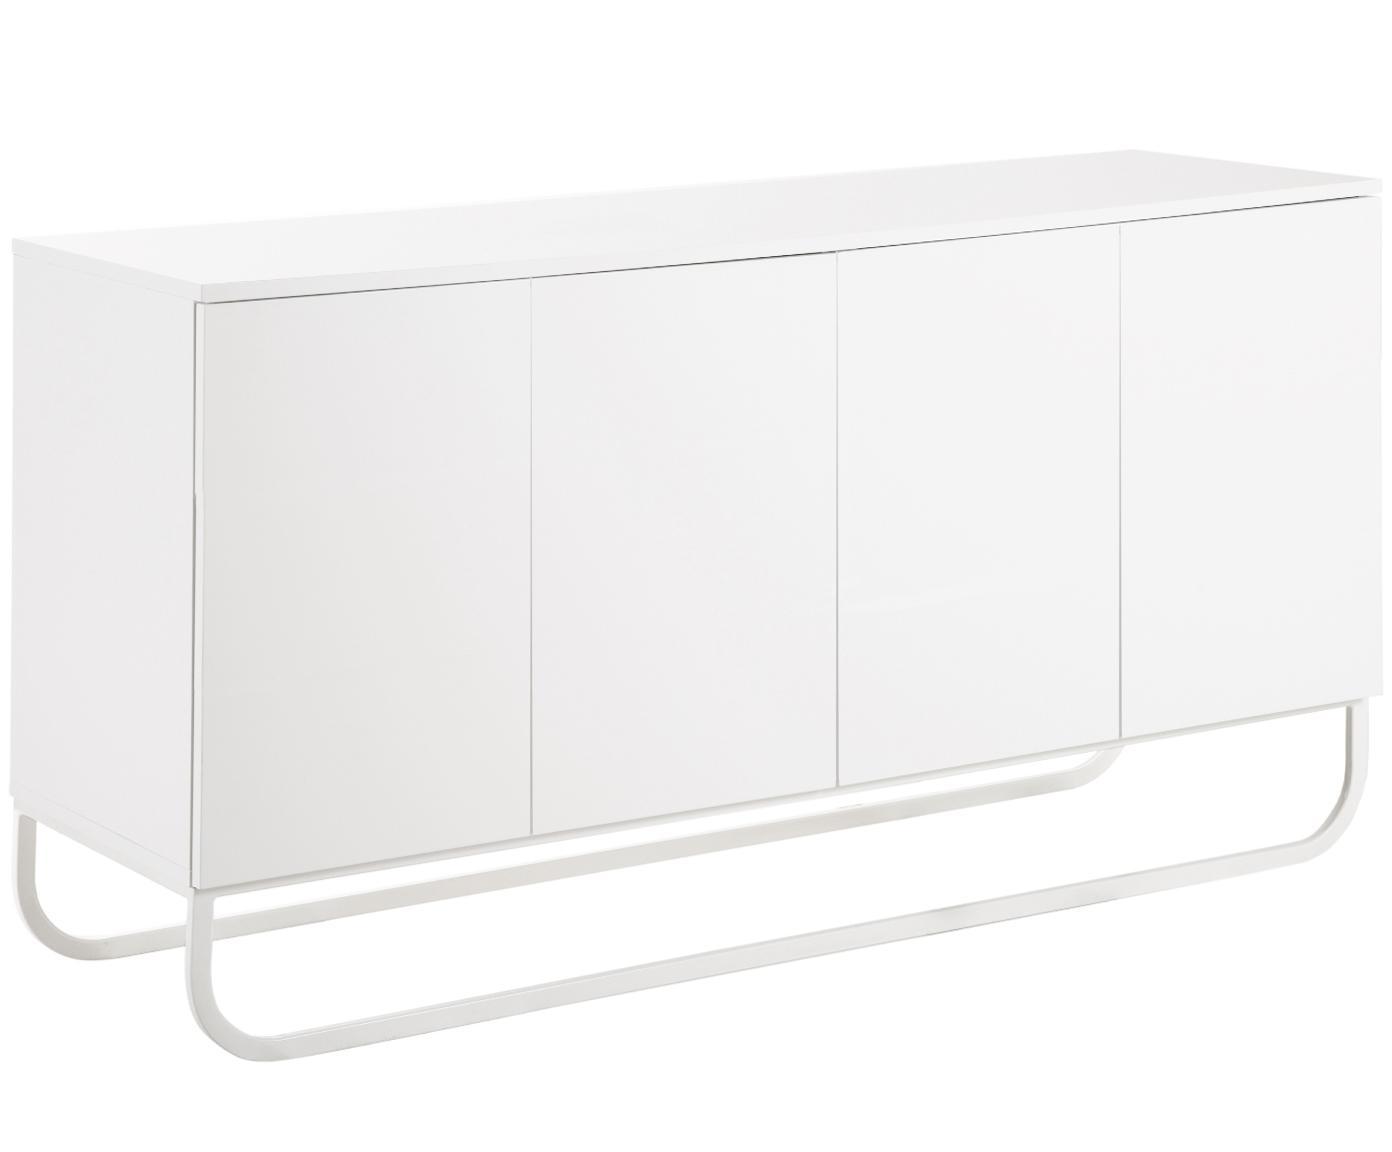 Klassisches Sideboard Sanford in Weiß, Korpus: Mitteldichte Holzfaserpla, Korpus: Weiß, mattFußgestell: Weiß, matt, 160 x 83 cm